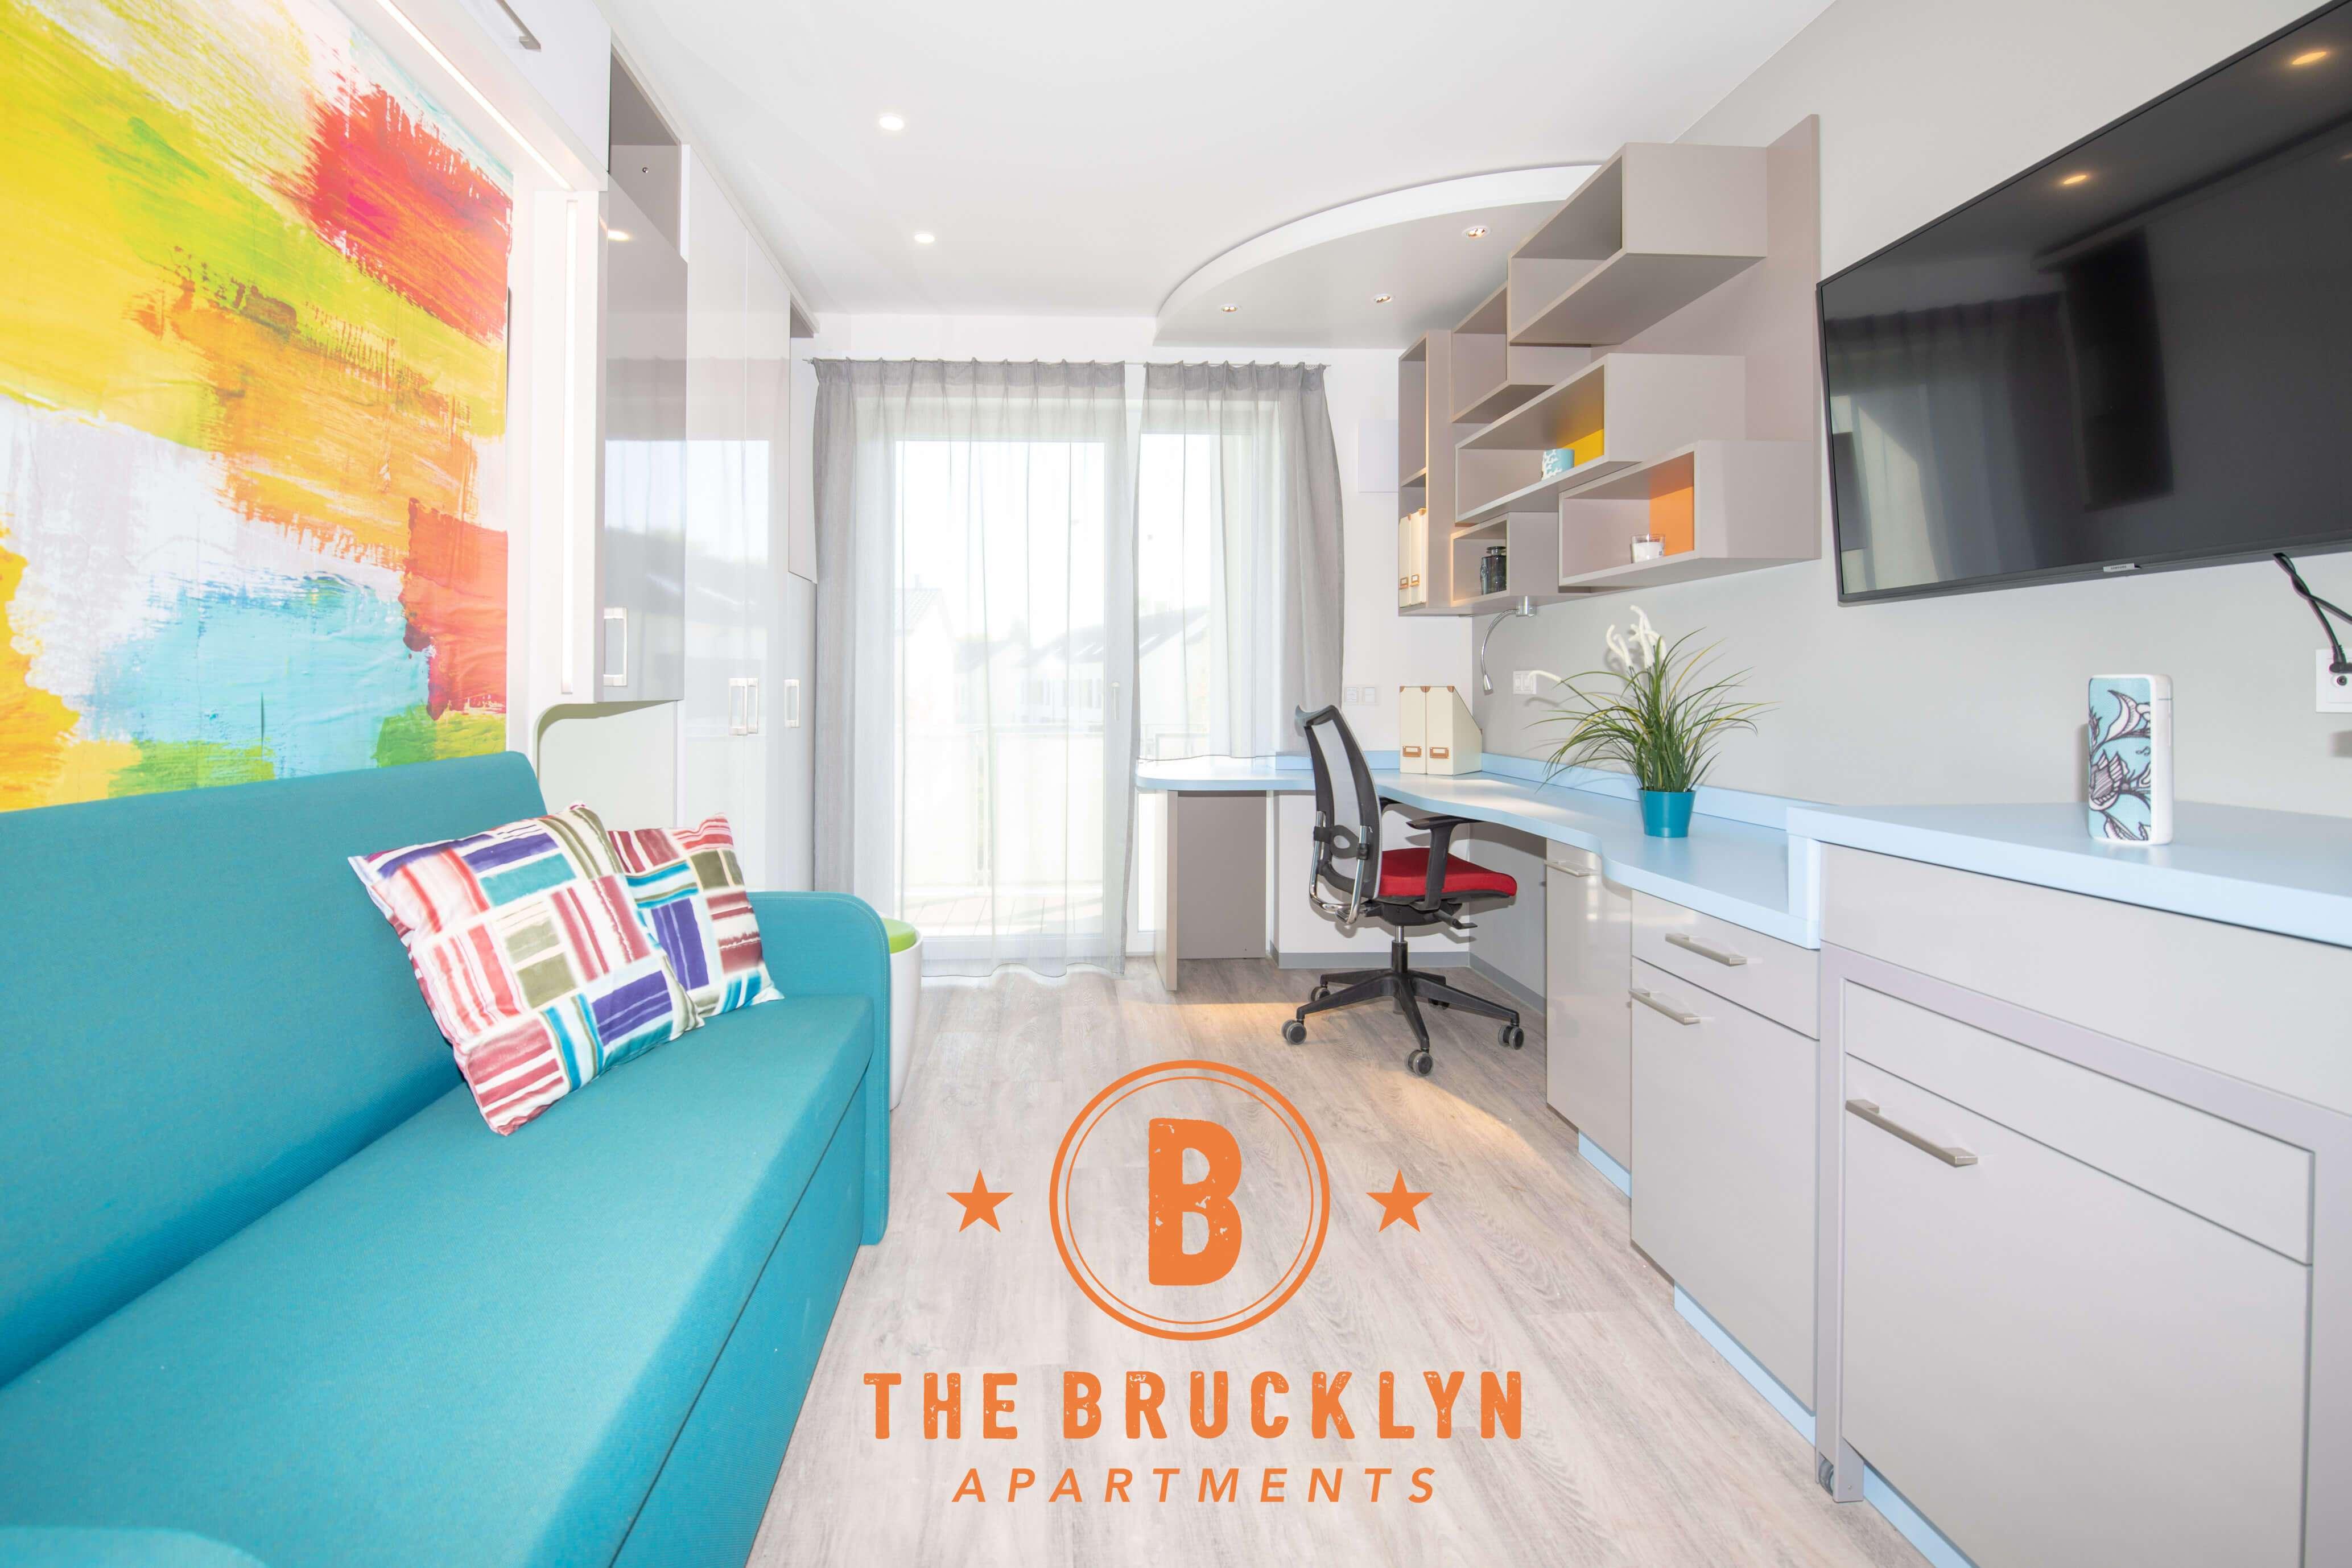 Möblierte Lifestyle-Apartments mit Gym, Sauna, Pool, Kino & Gemeinschaftsräumen in